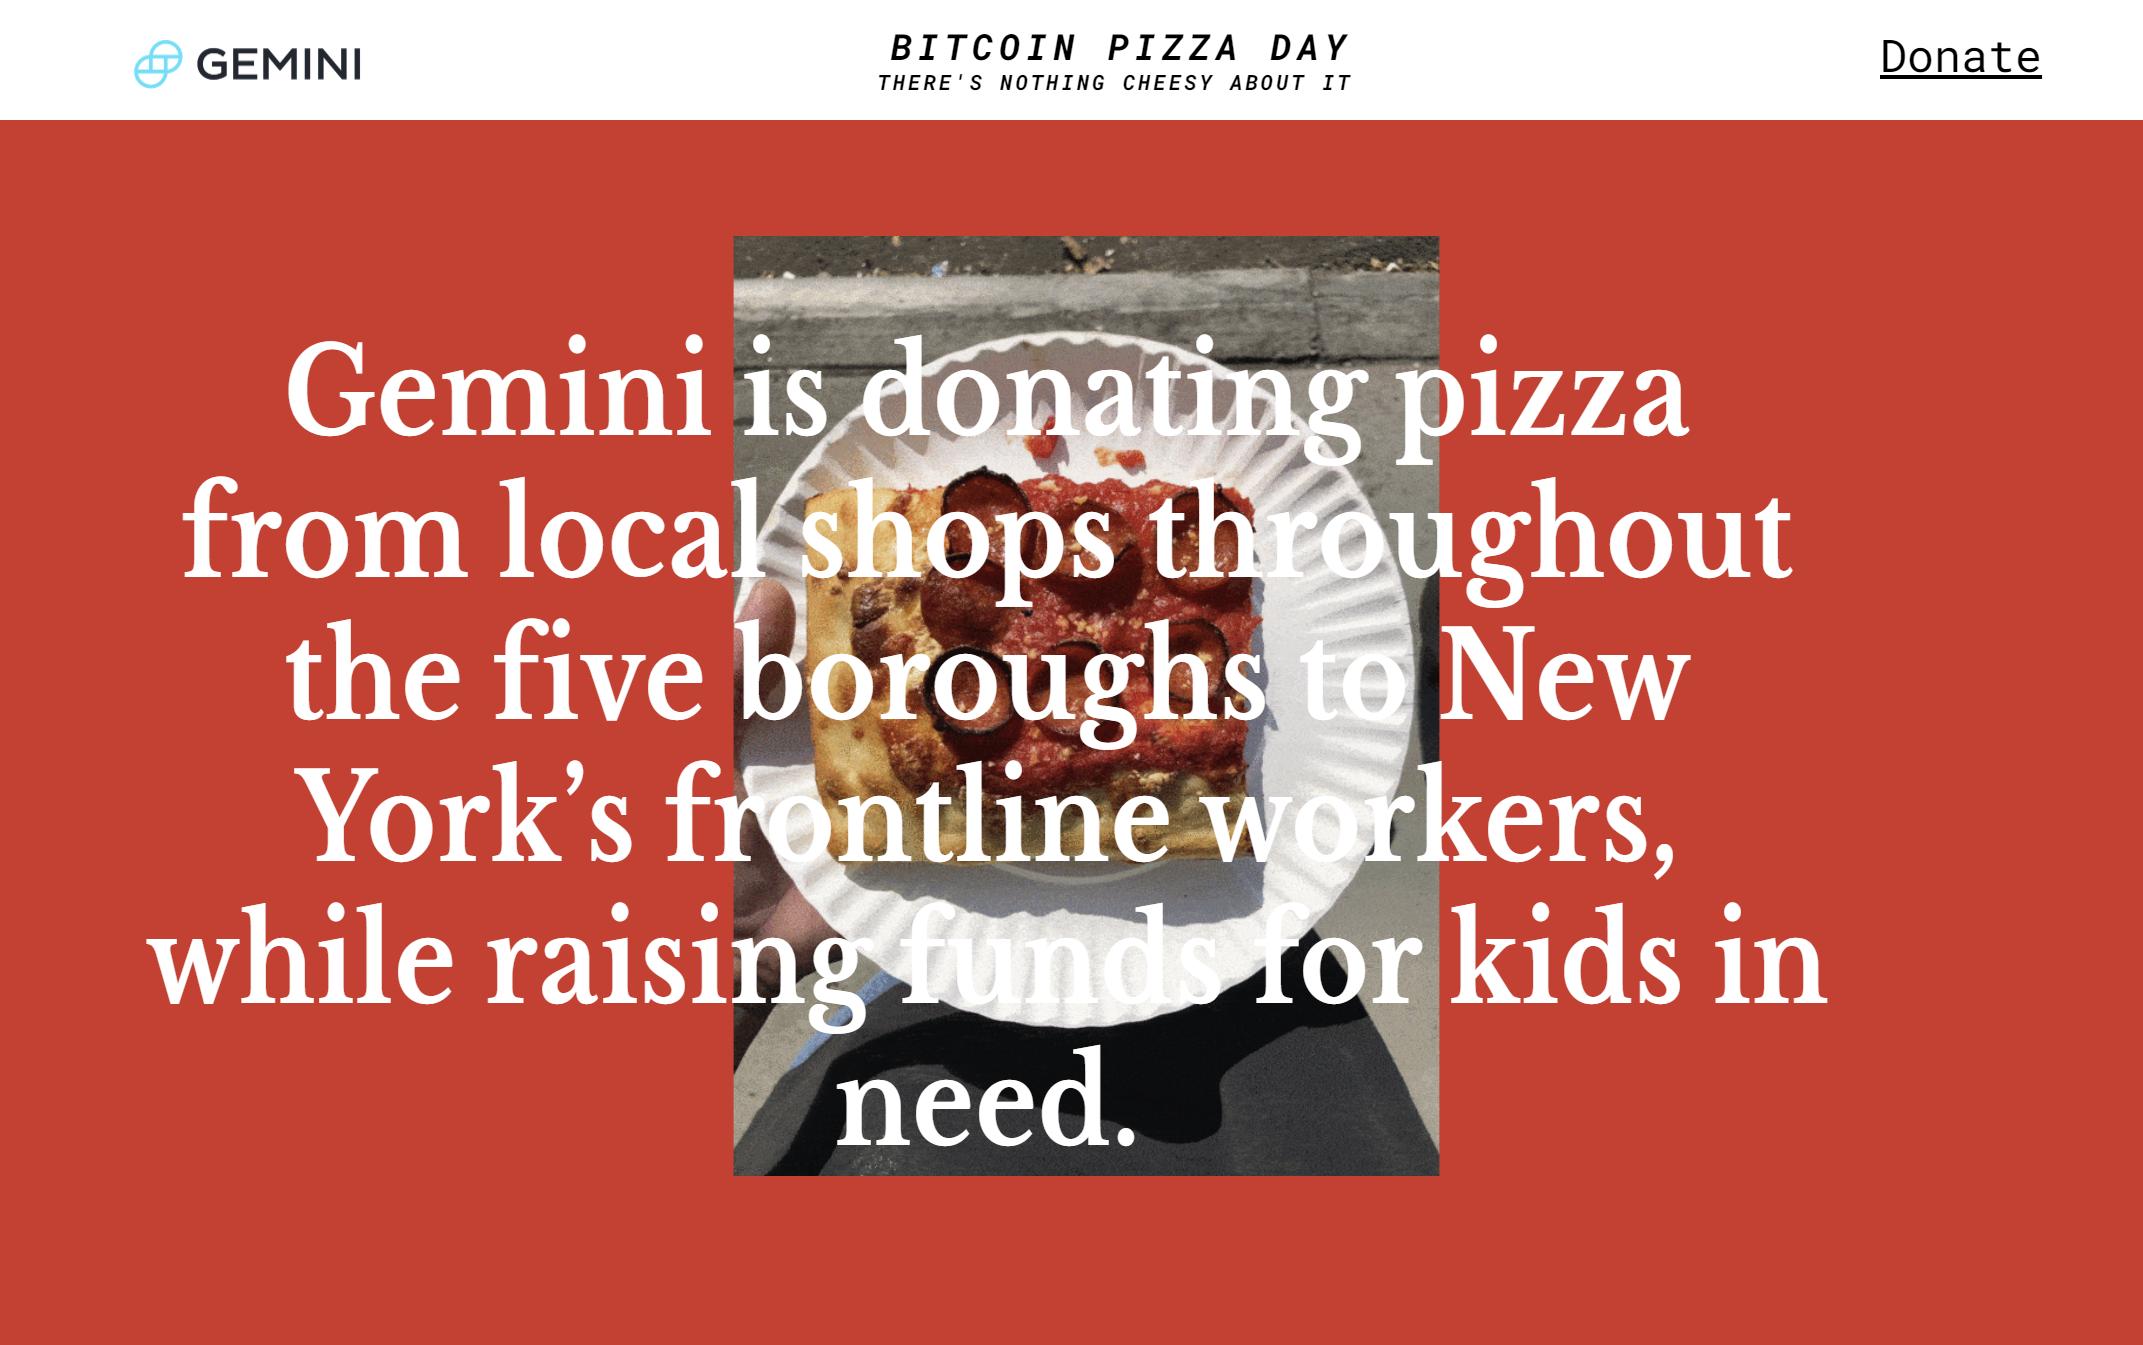 Case Study: Gemini Bitcoin Pizza | The Giving Block